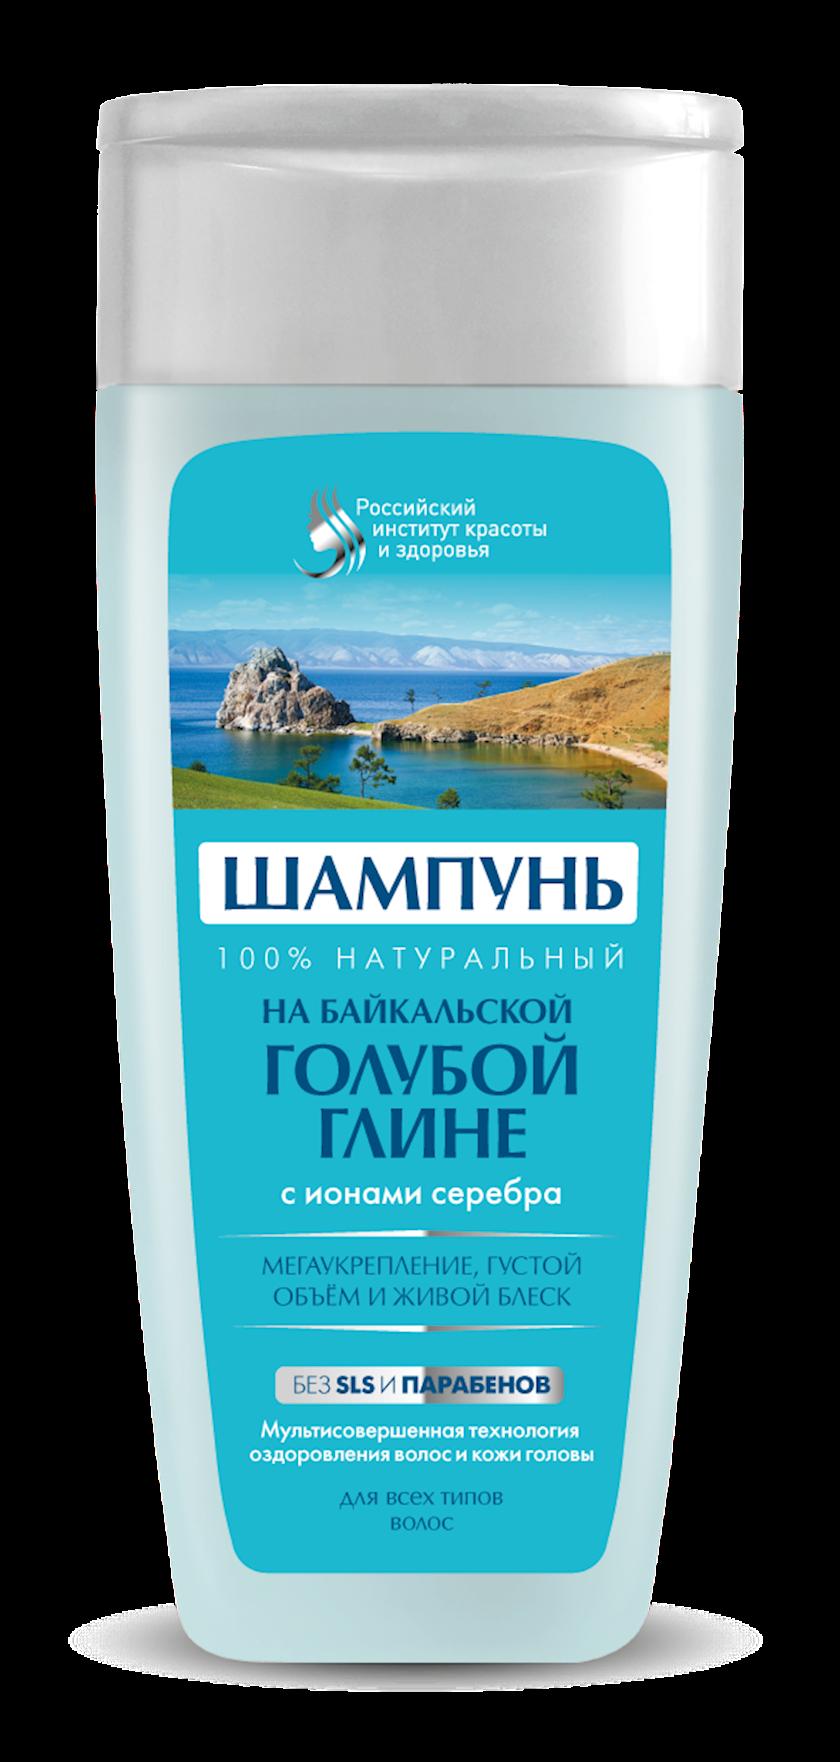 Şampun Фитокосметик Baykal göy gil əsasında gümüş ionları ilə 270 ml